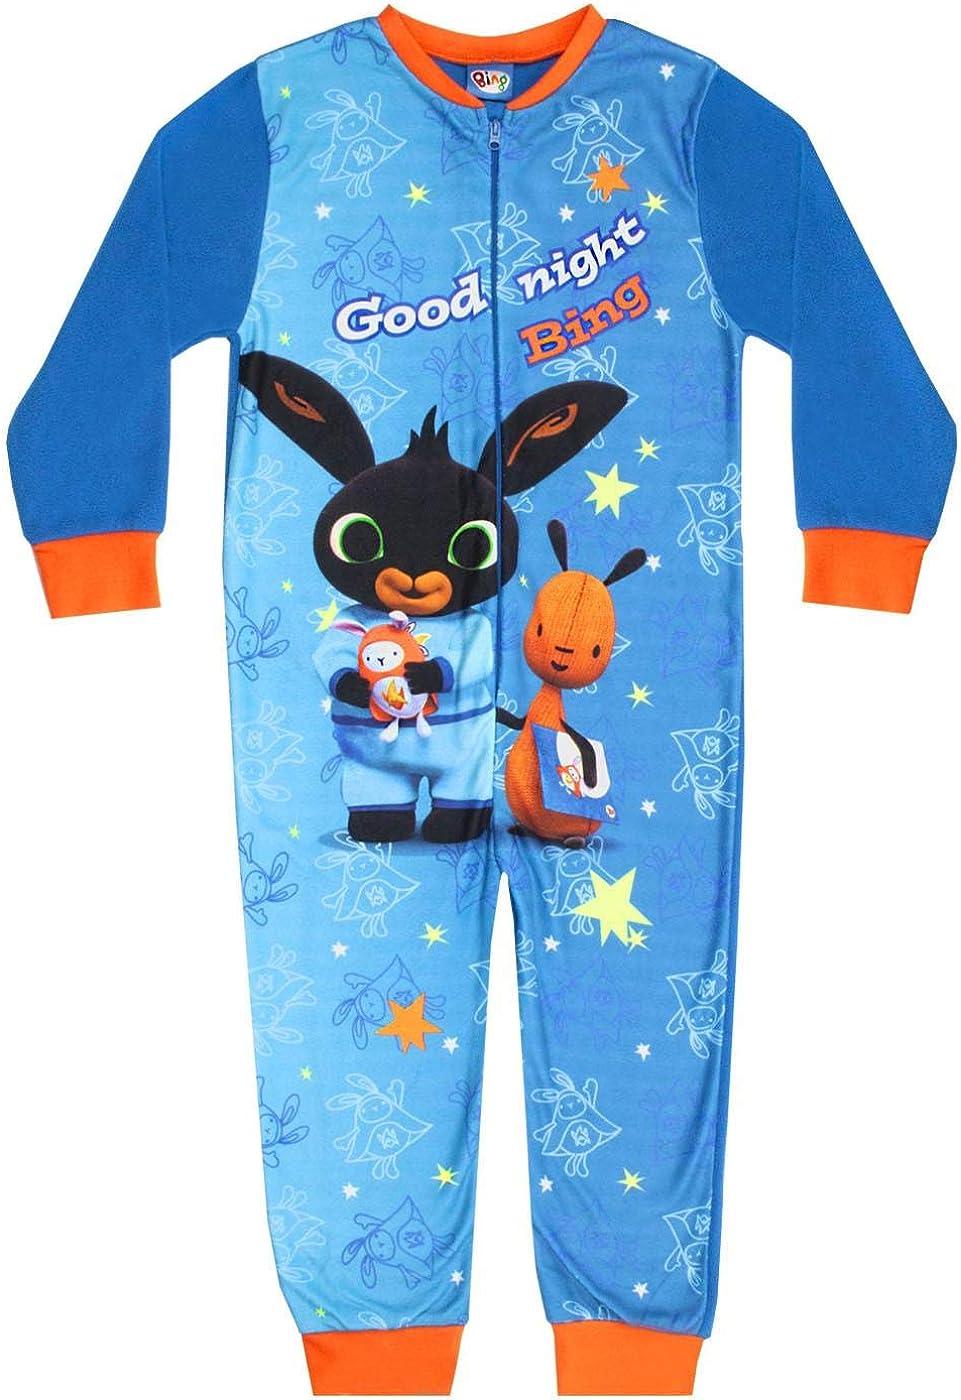 Bing Bunny CBeebies and Flop Good Night Bing Boys Fleece Character Onesie